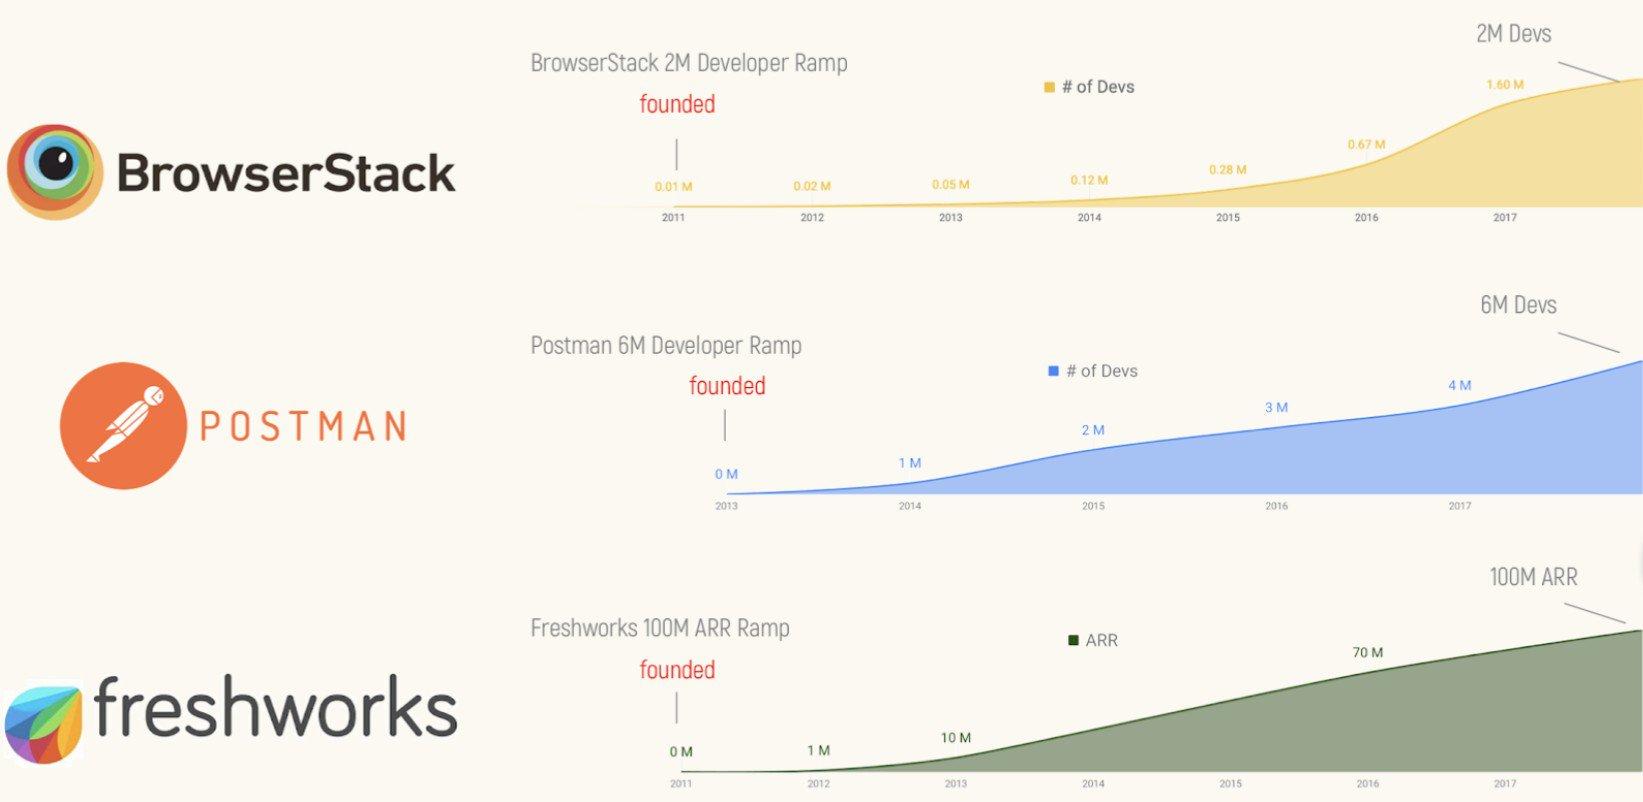 Postman-Browserstack -Freshworks